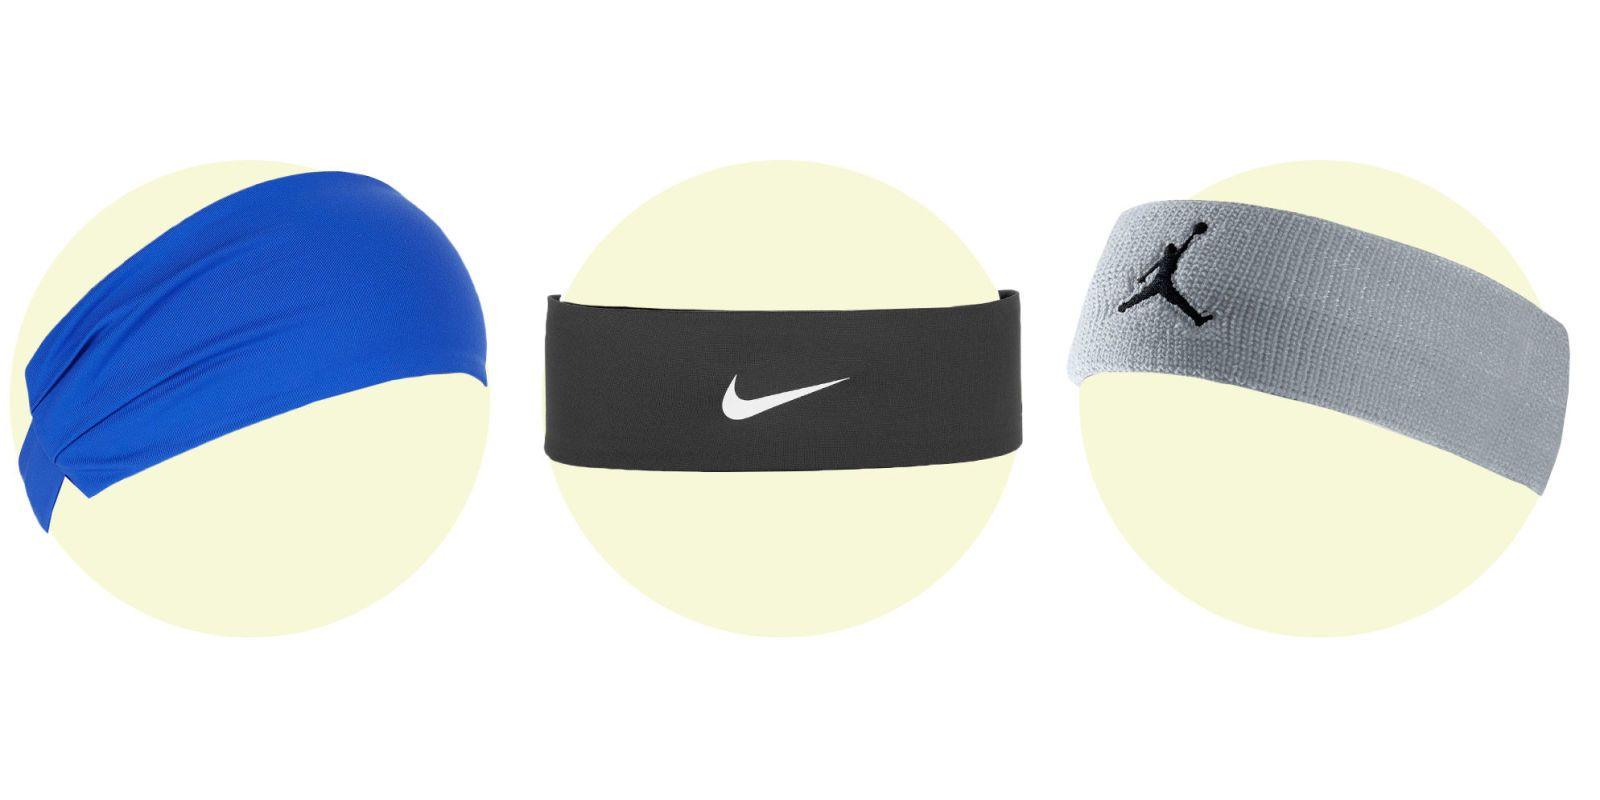 Nike Vendas De Las Mujeres Uk 8 Es Un Nosotros 6dRj4hwukR